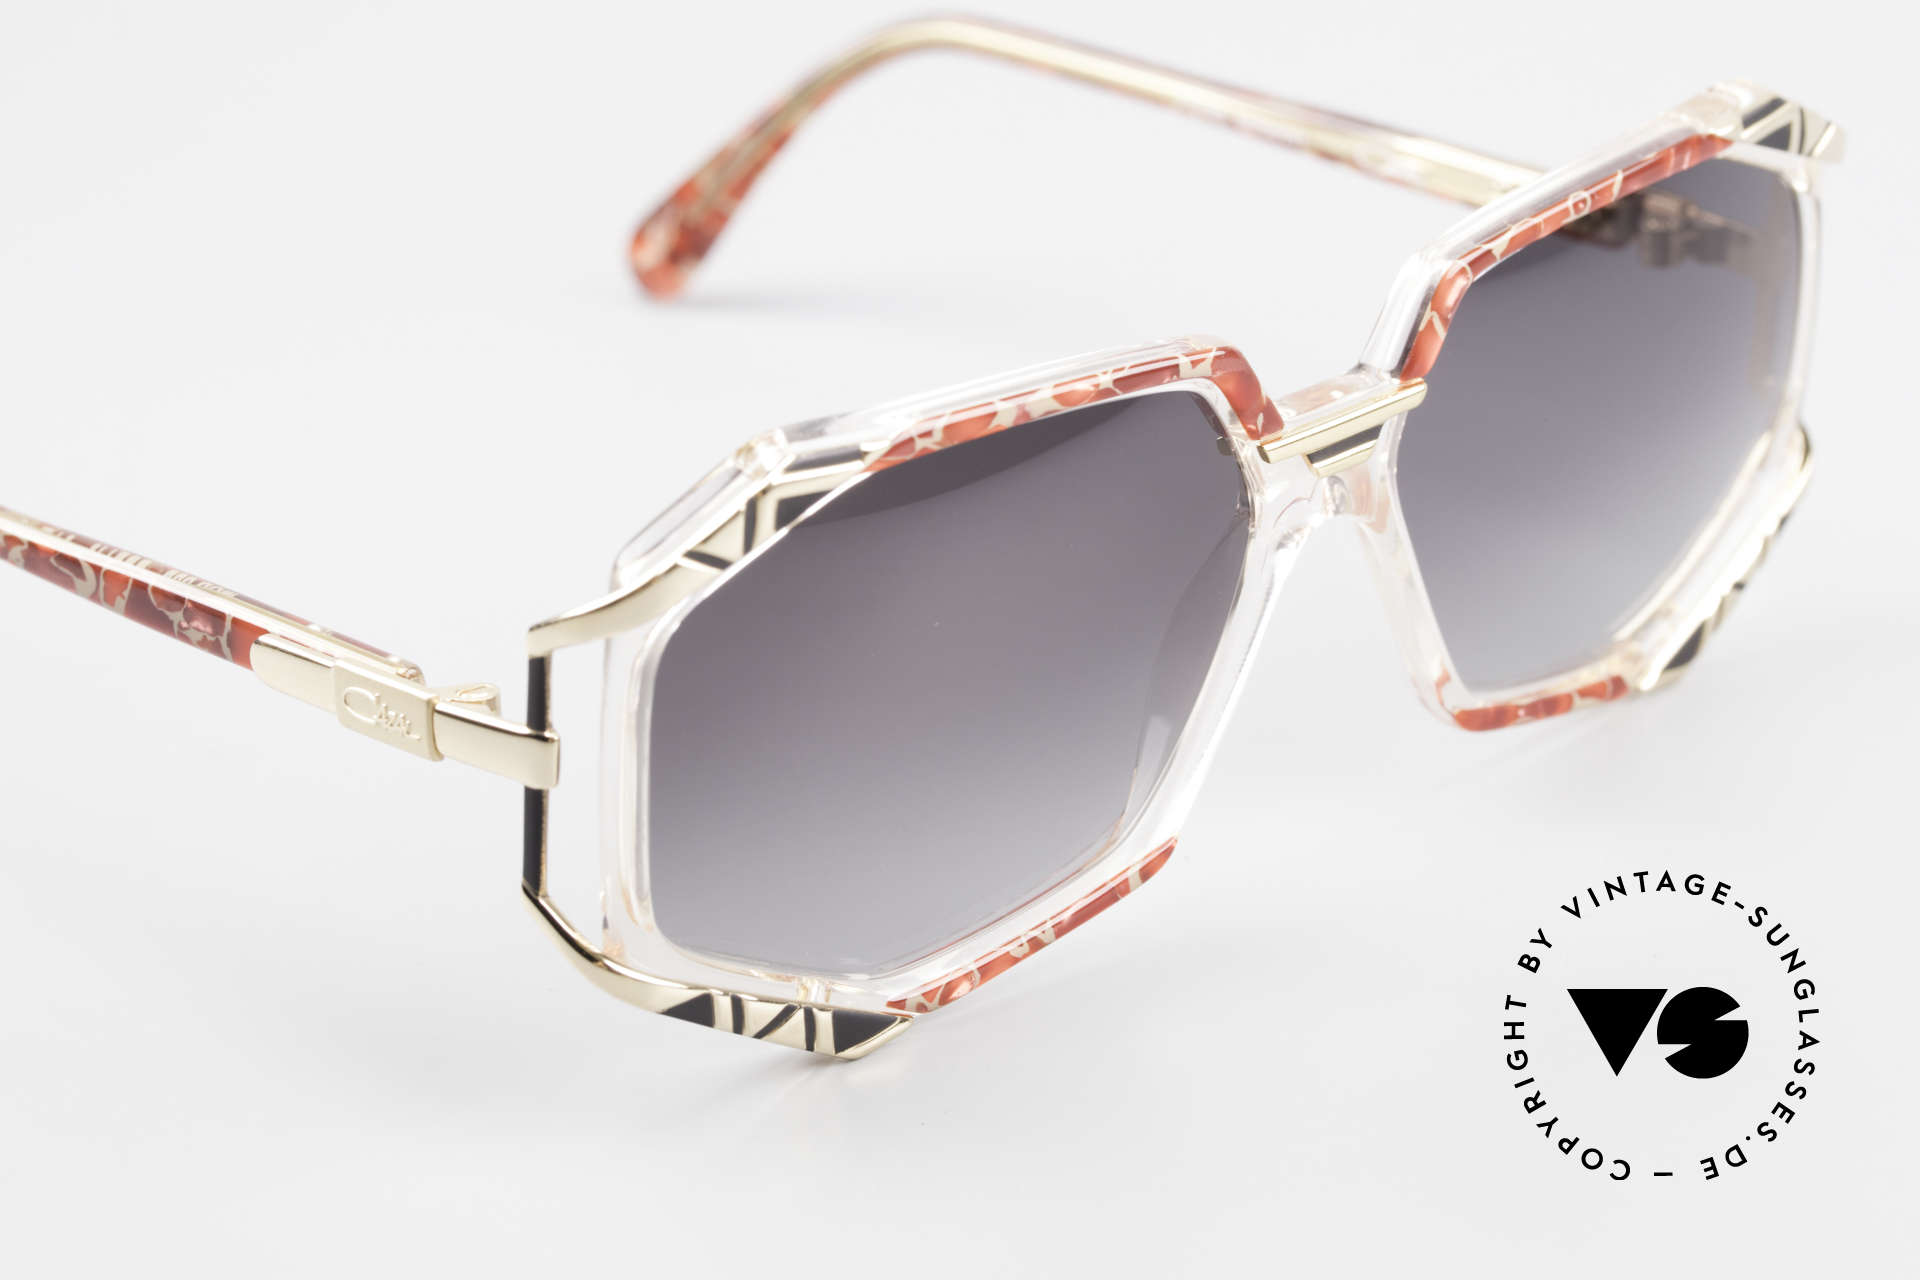 Cazal 355 Spektakuläre Sonnenbrille 90er, KEINE retro Brille, ein ca. 25 Jahre altes ORIGINAL!, Passend für Damen